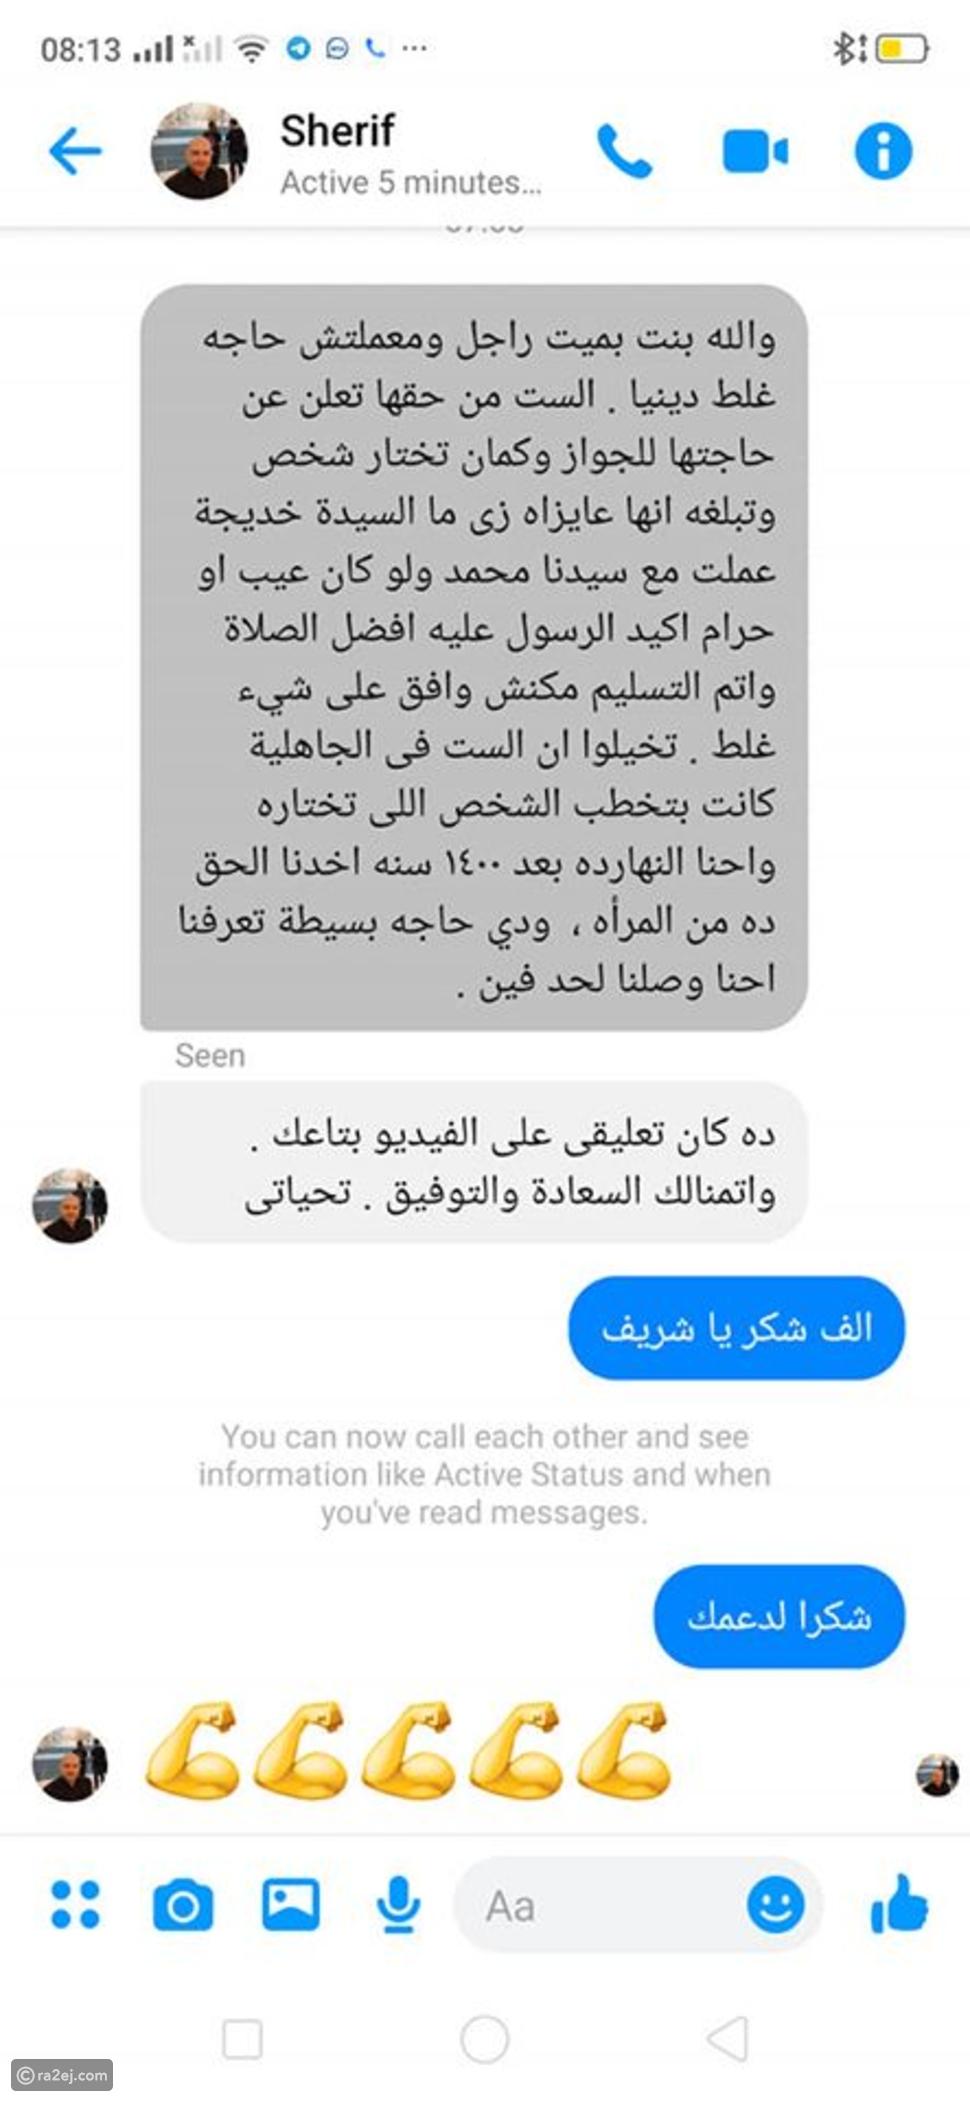 فتاة عربية جميلة تعرض نفسها للزواج بطريقة جادة وتضع هذه الشروط